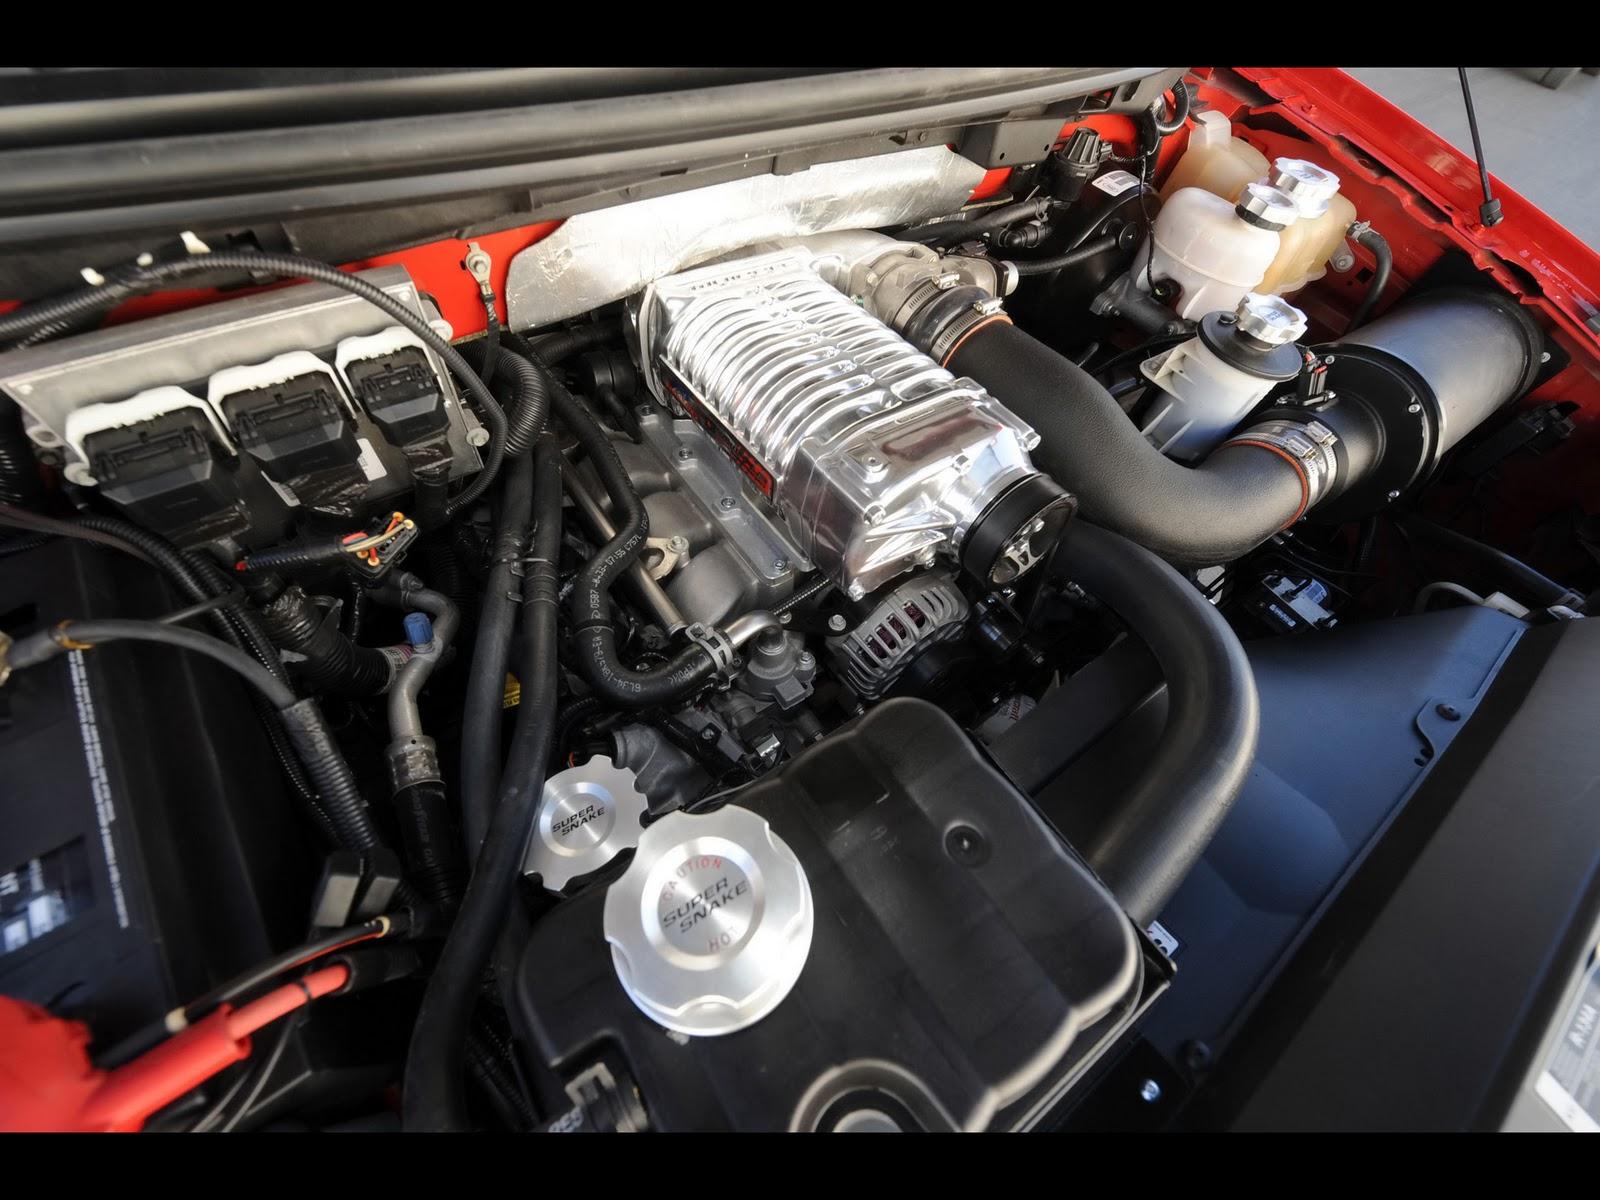 http://3.bp.blogspot.com/_cLWqMZQ1CPk/TQw28KrTR7I/AAAAAAAAFmk/t0njIVHt1ms/s1600/2010-Shelby-Super-Snake-Ford-F150-Engine-1920x1440.jpg